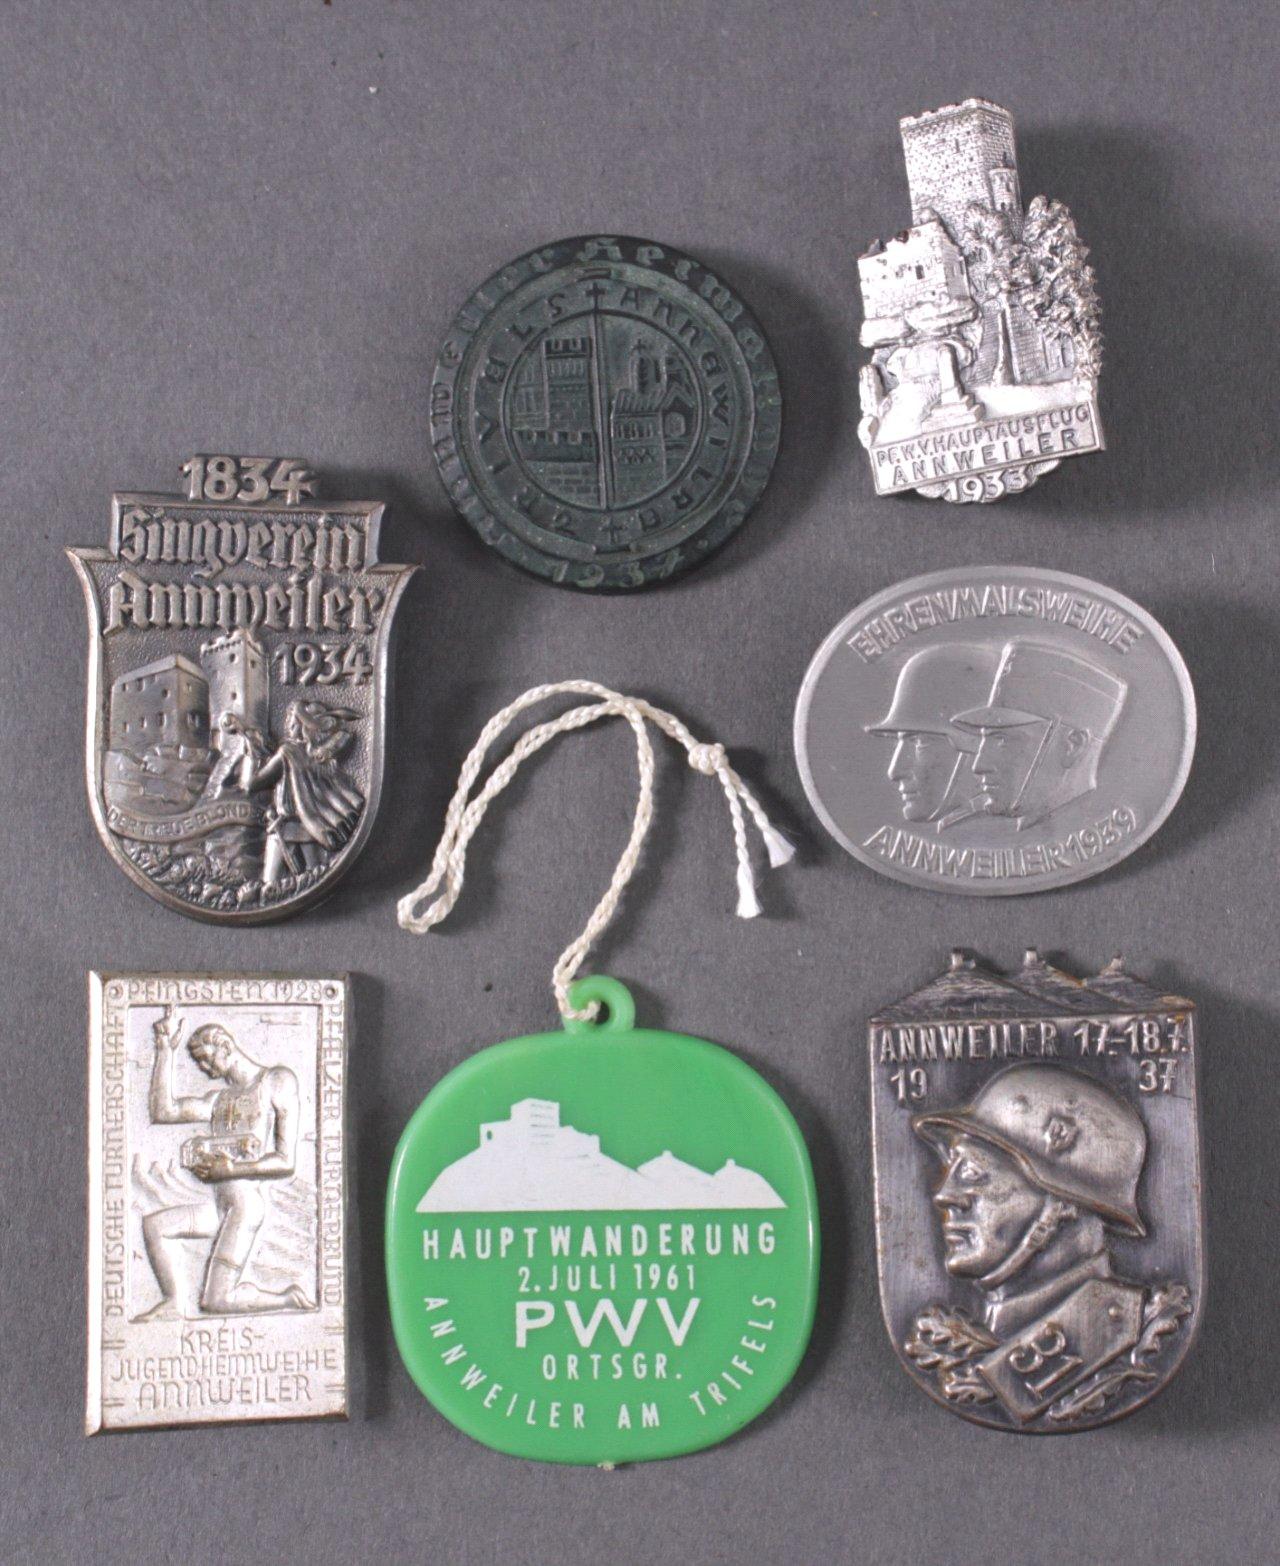 Tagungs- und Veranstaltungsabzeichen Annweiler